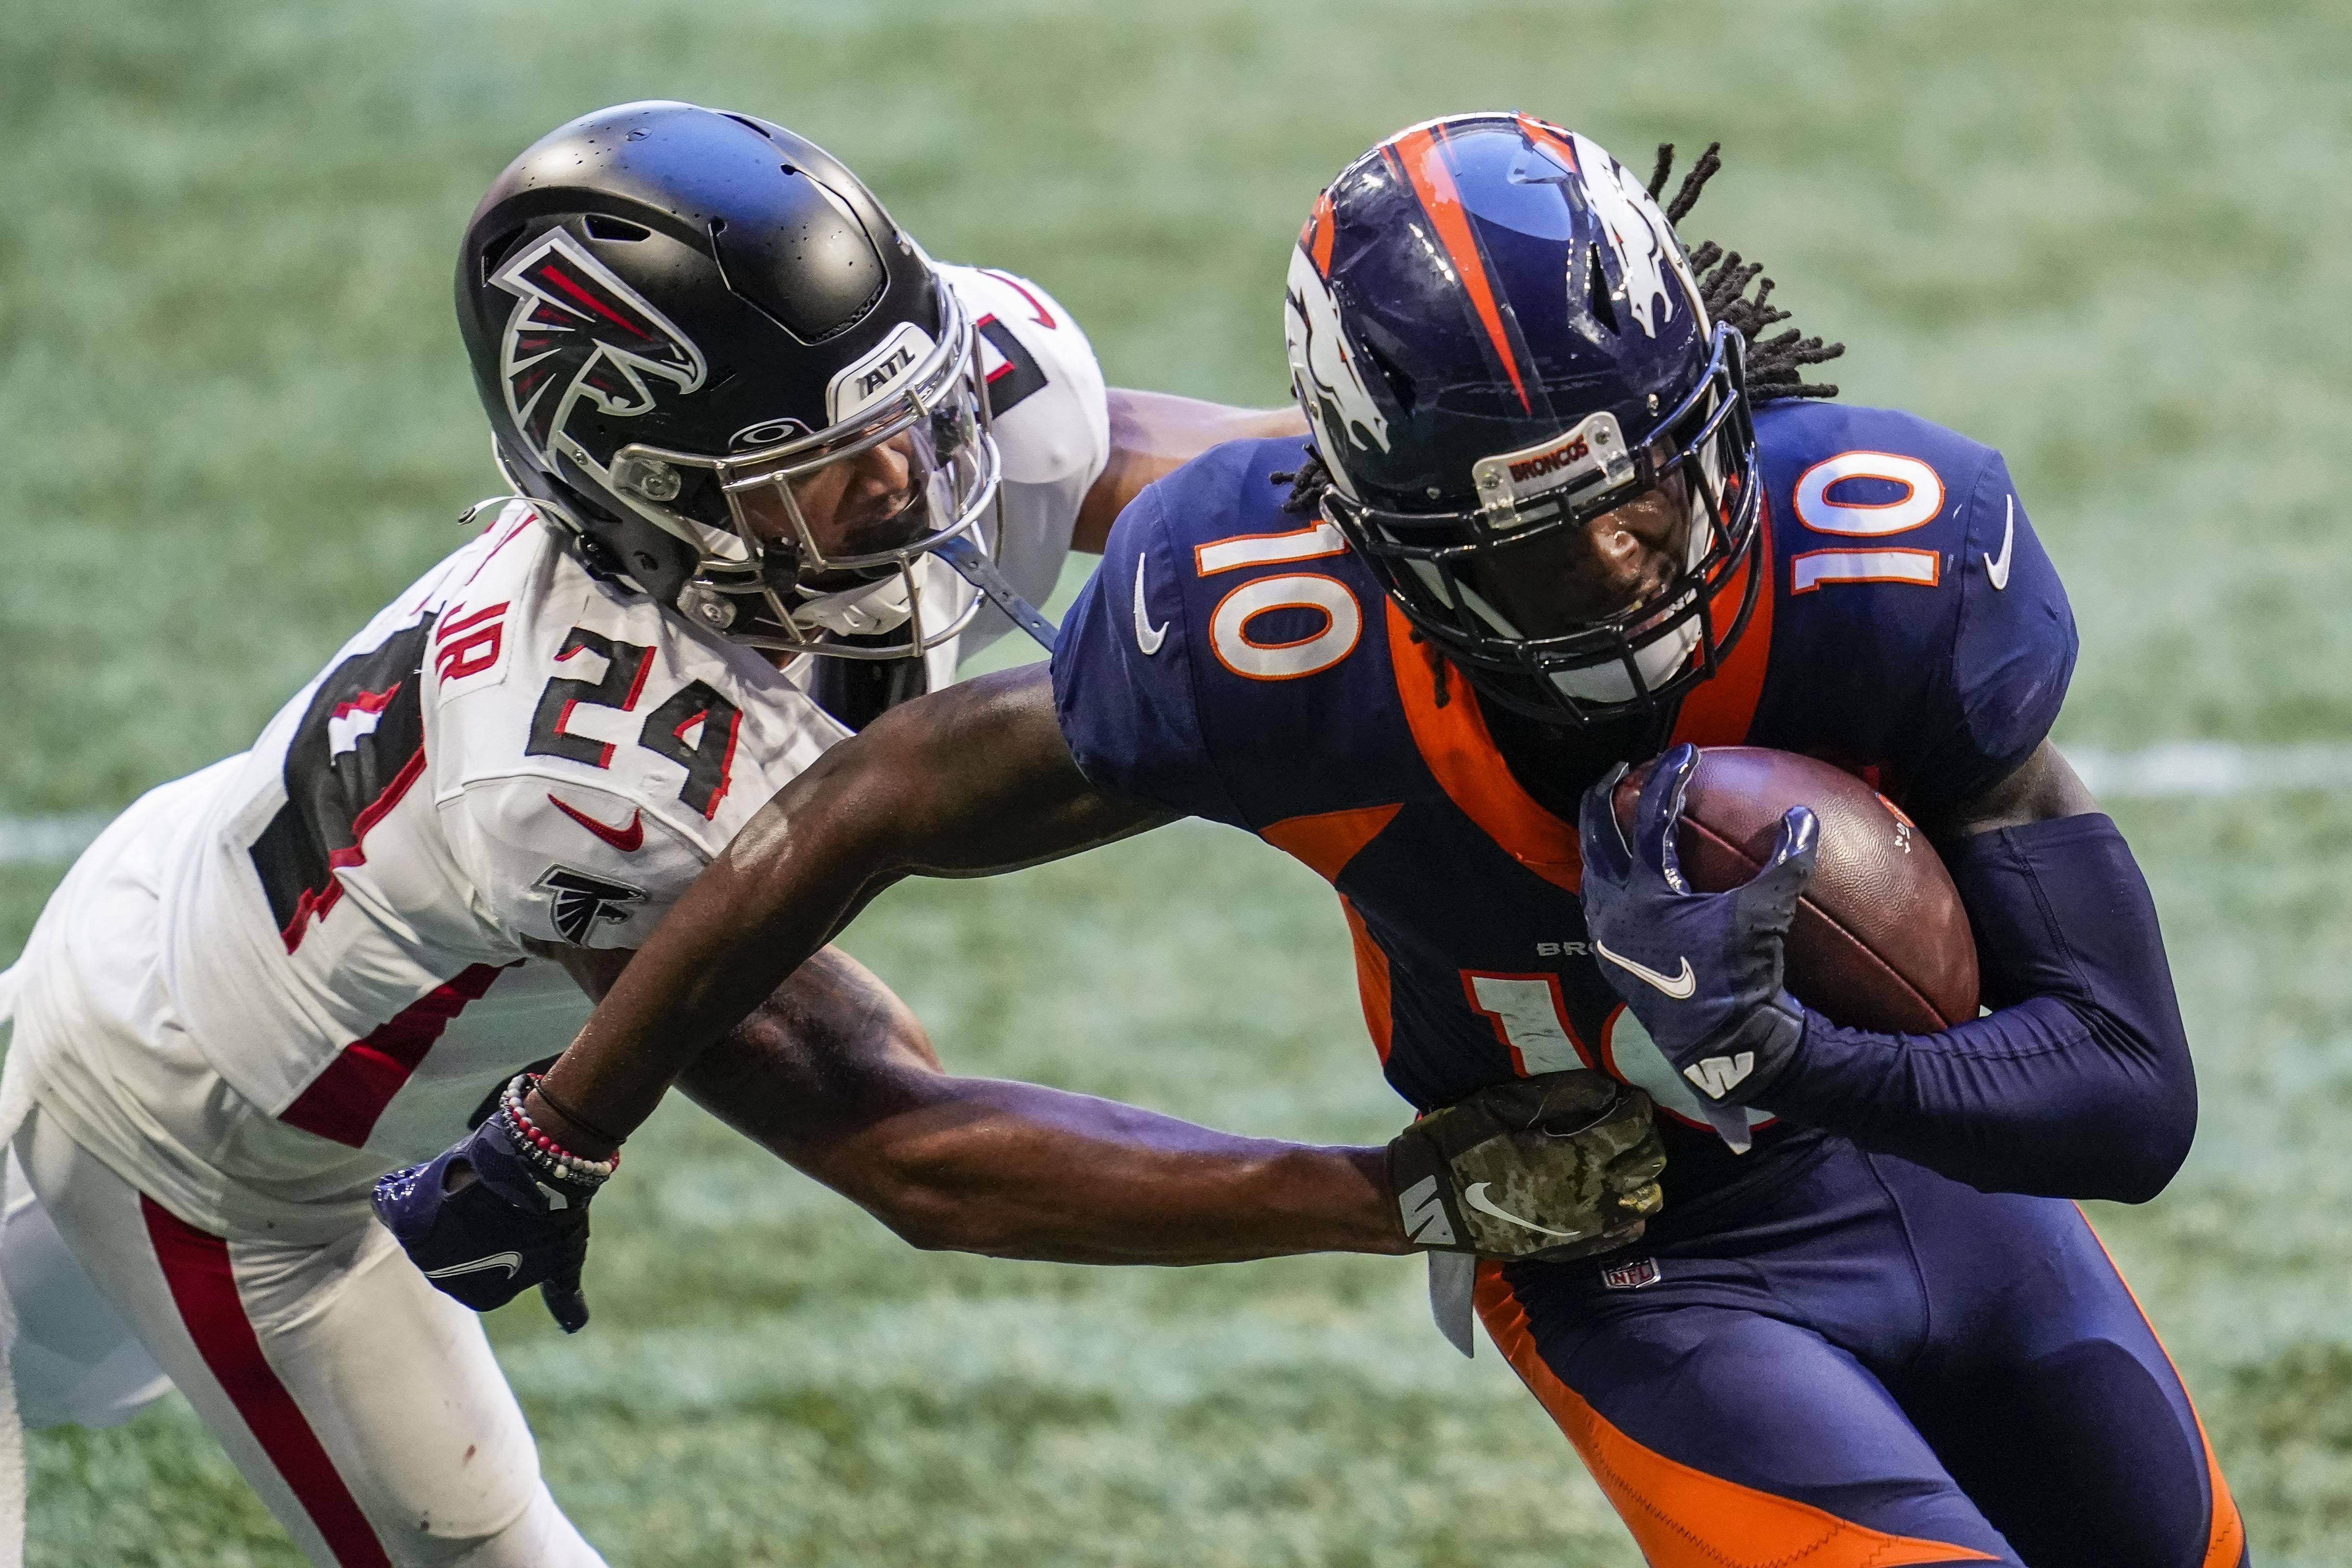 NFL: Denver Broncos at Atlanta Falcons